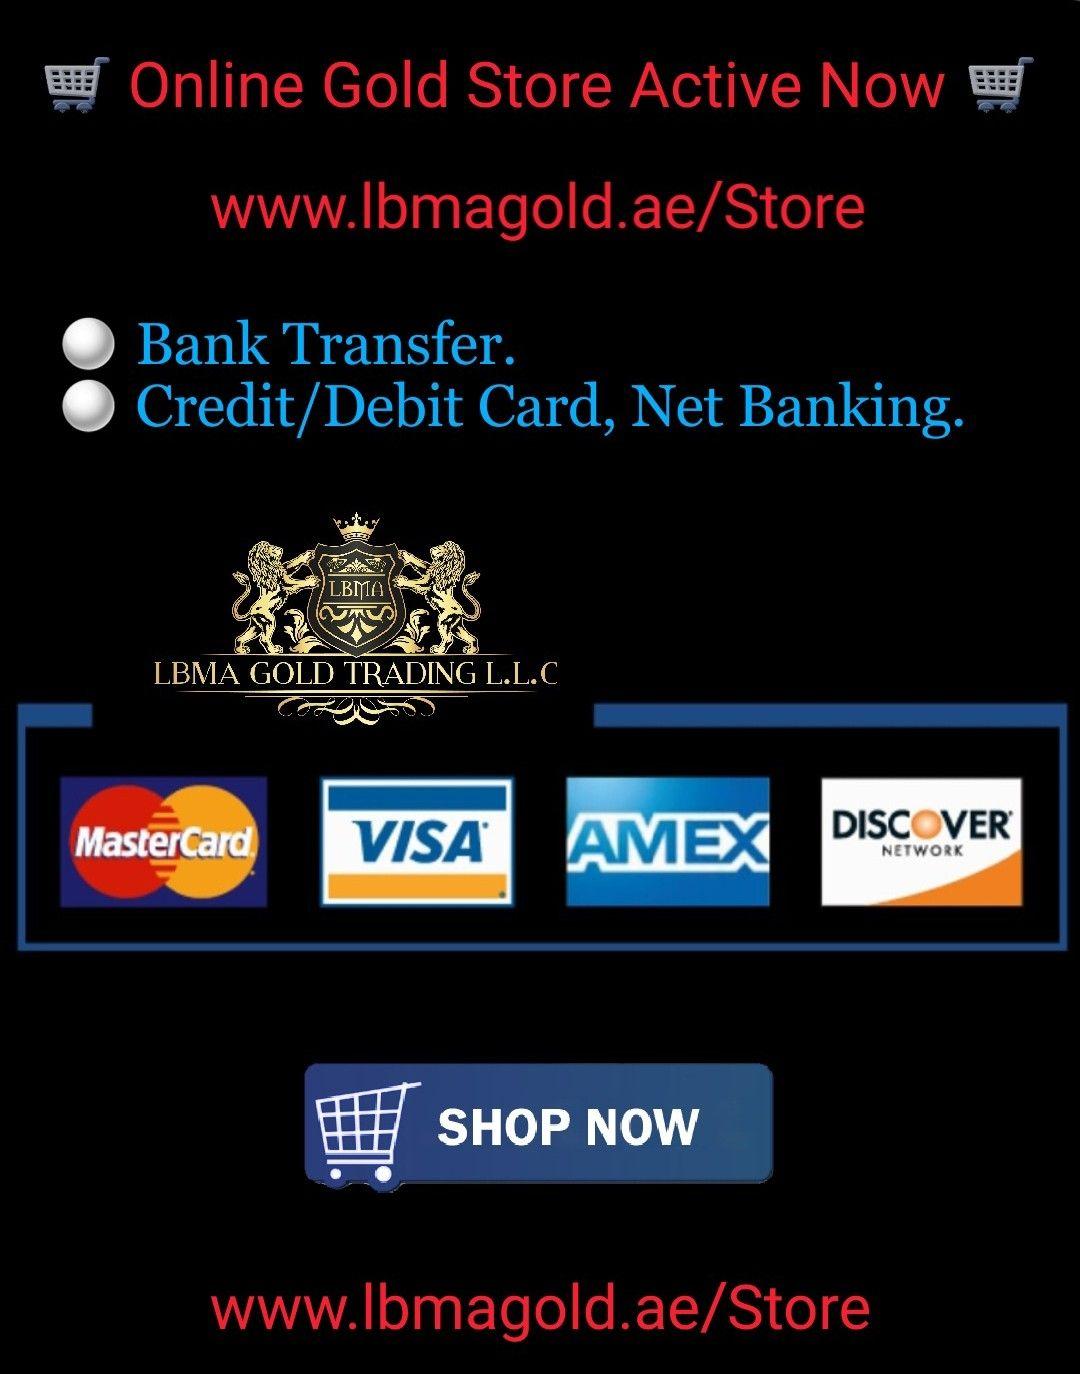 Faszinierend Ae Trade Online Referenz Von Gold Store Is Now Active, We Accept